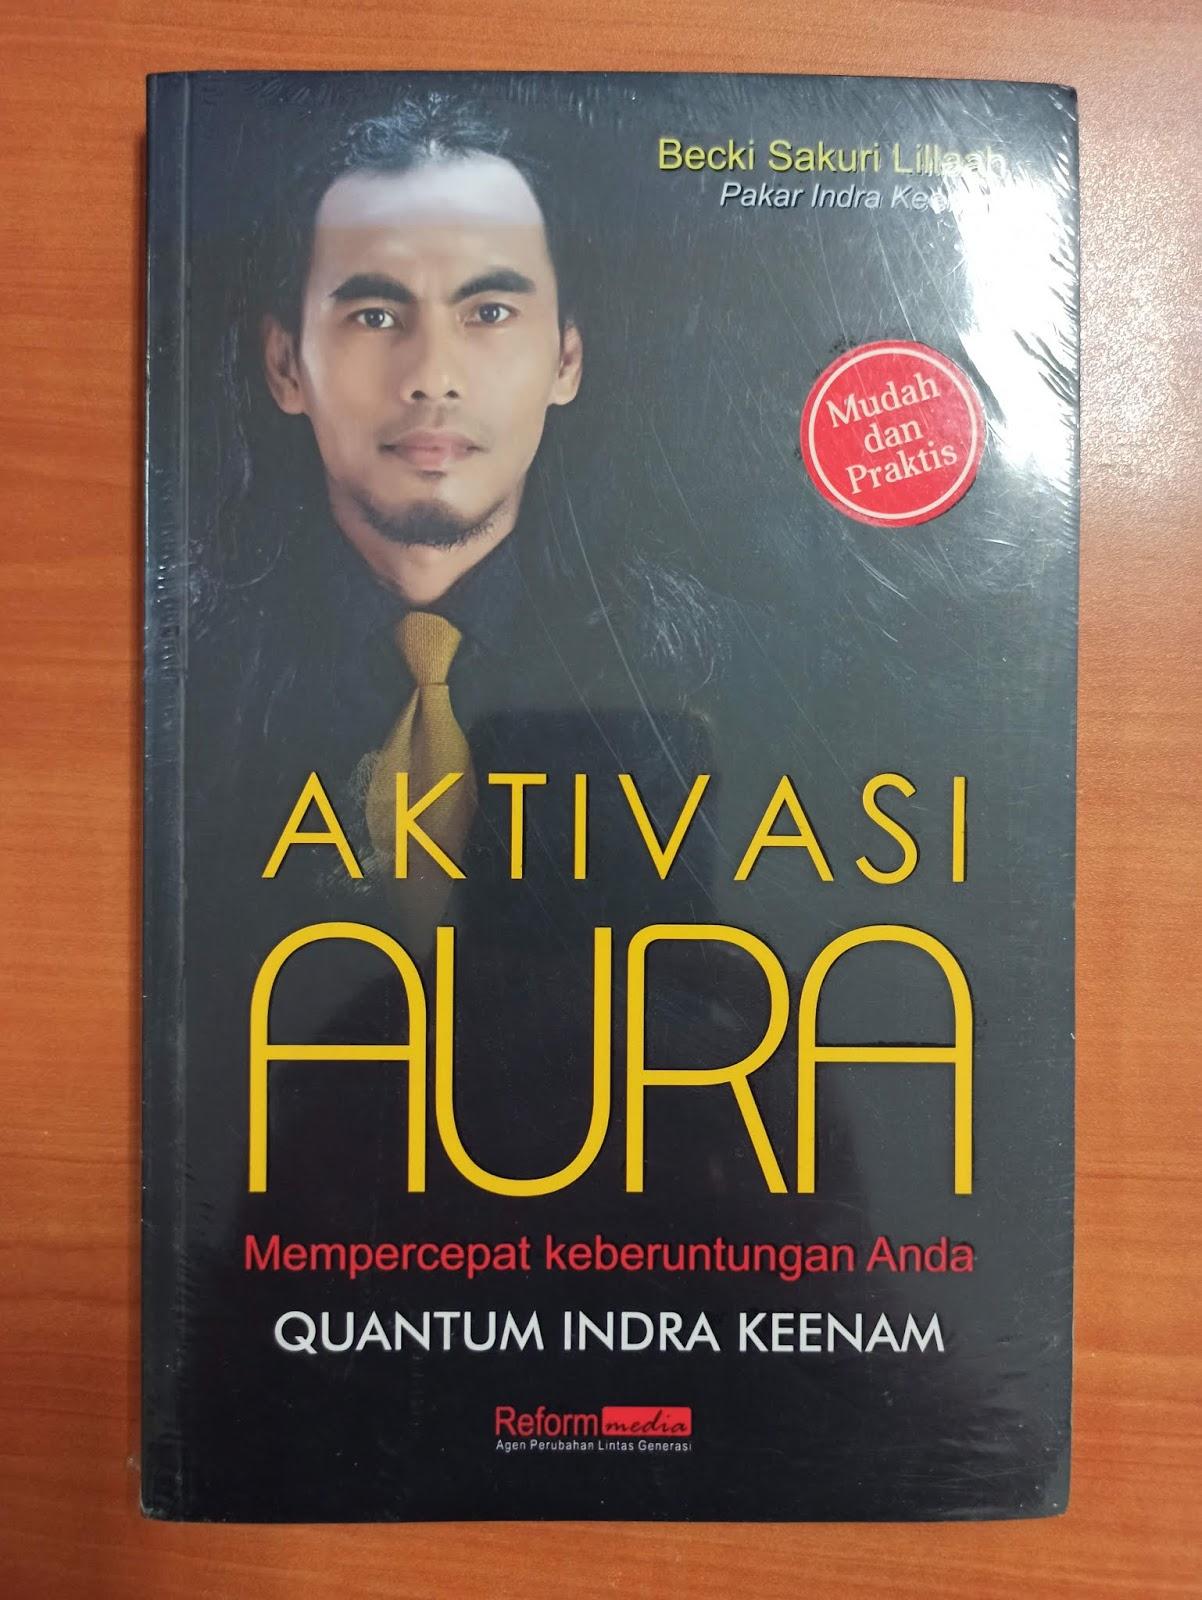 Quantum Indra Keenam